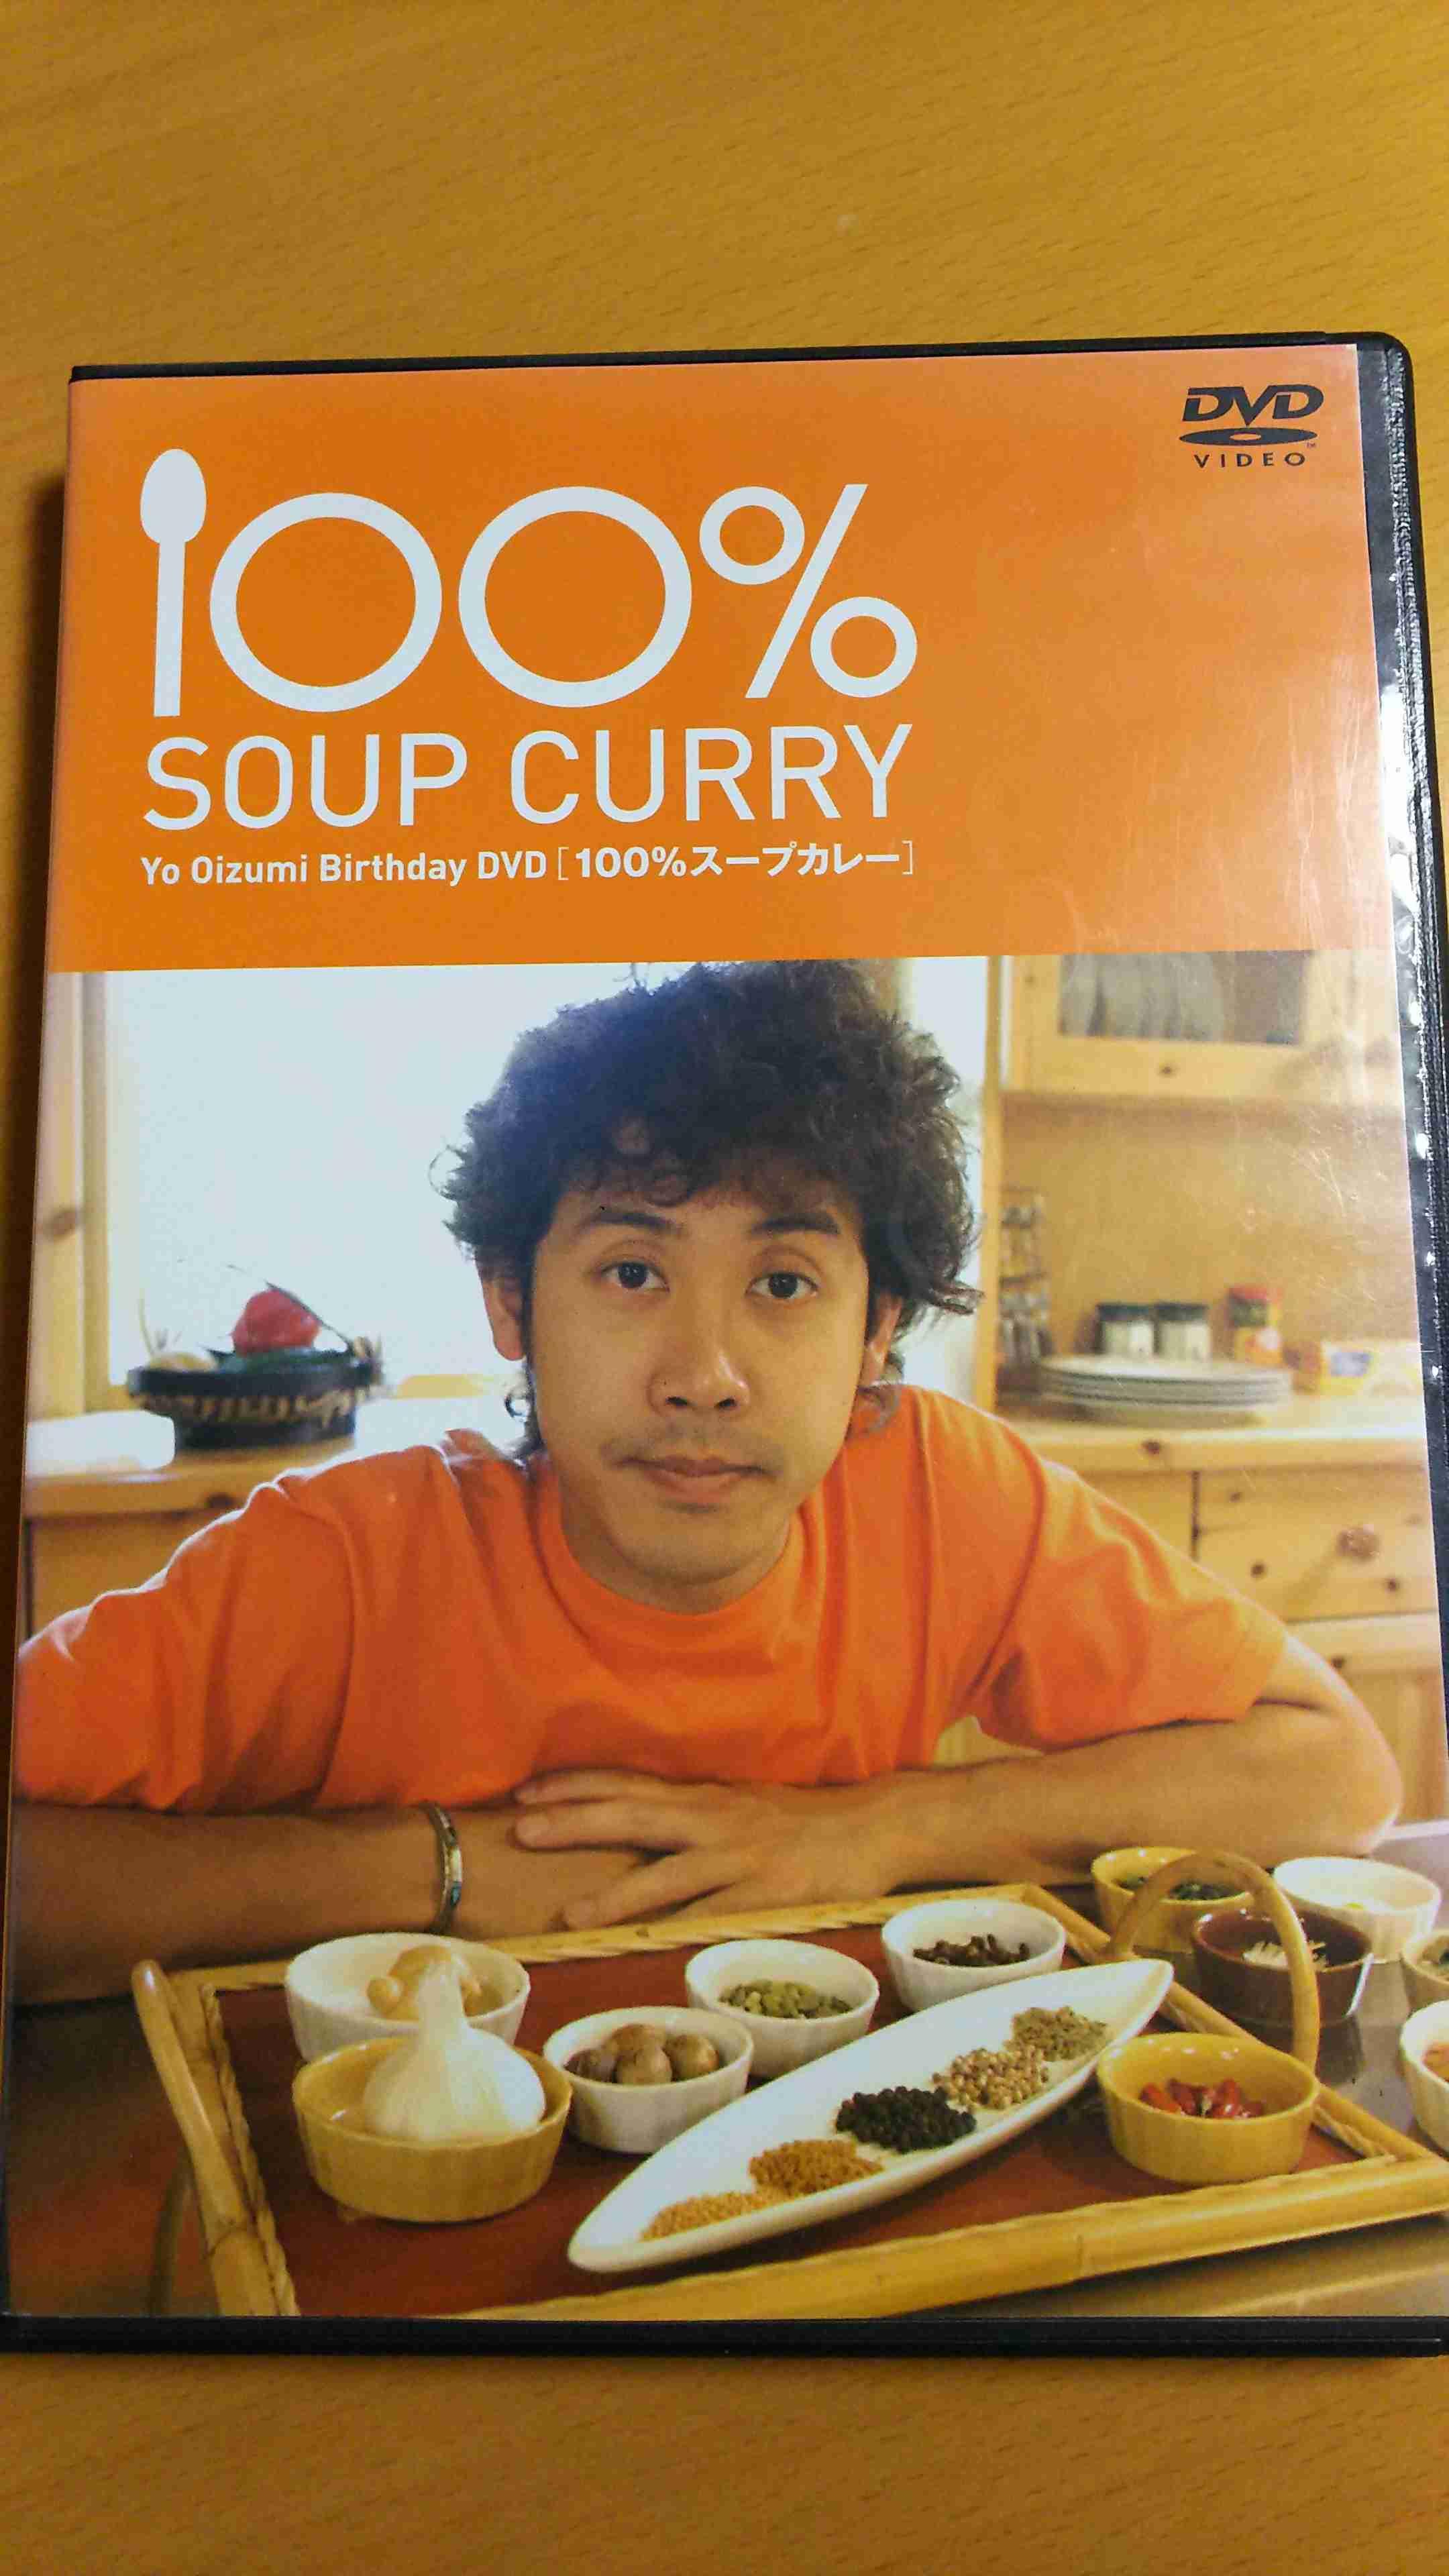 スープカレーが好きな方に質問です